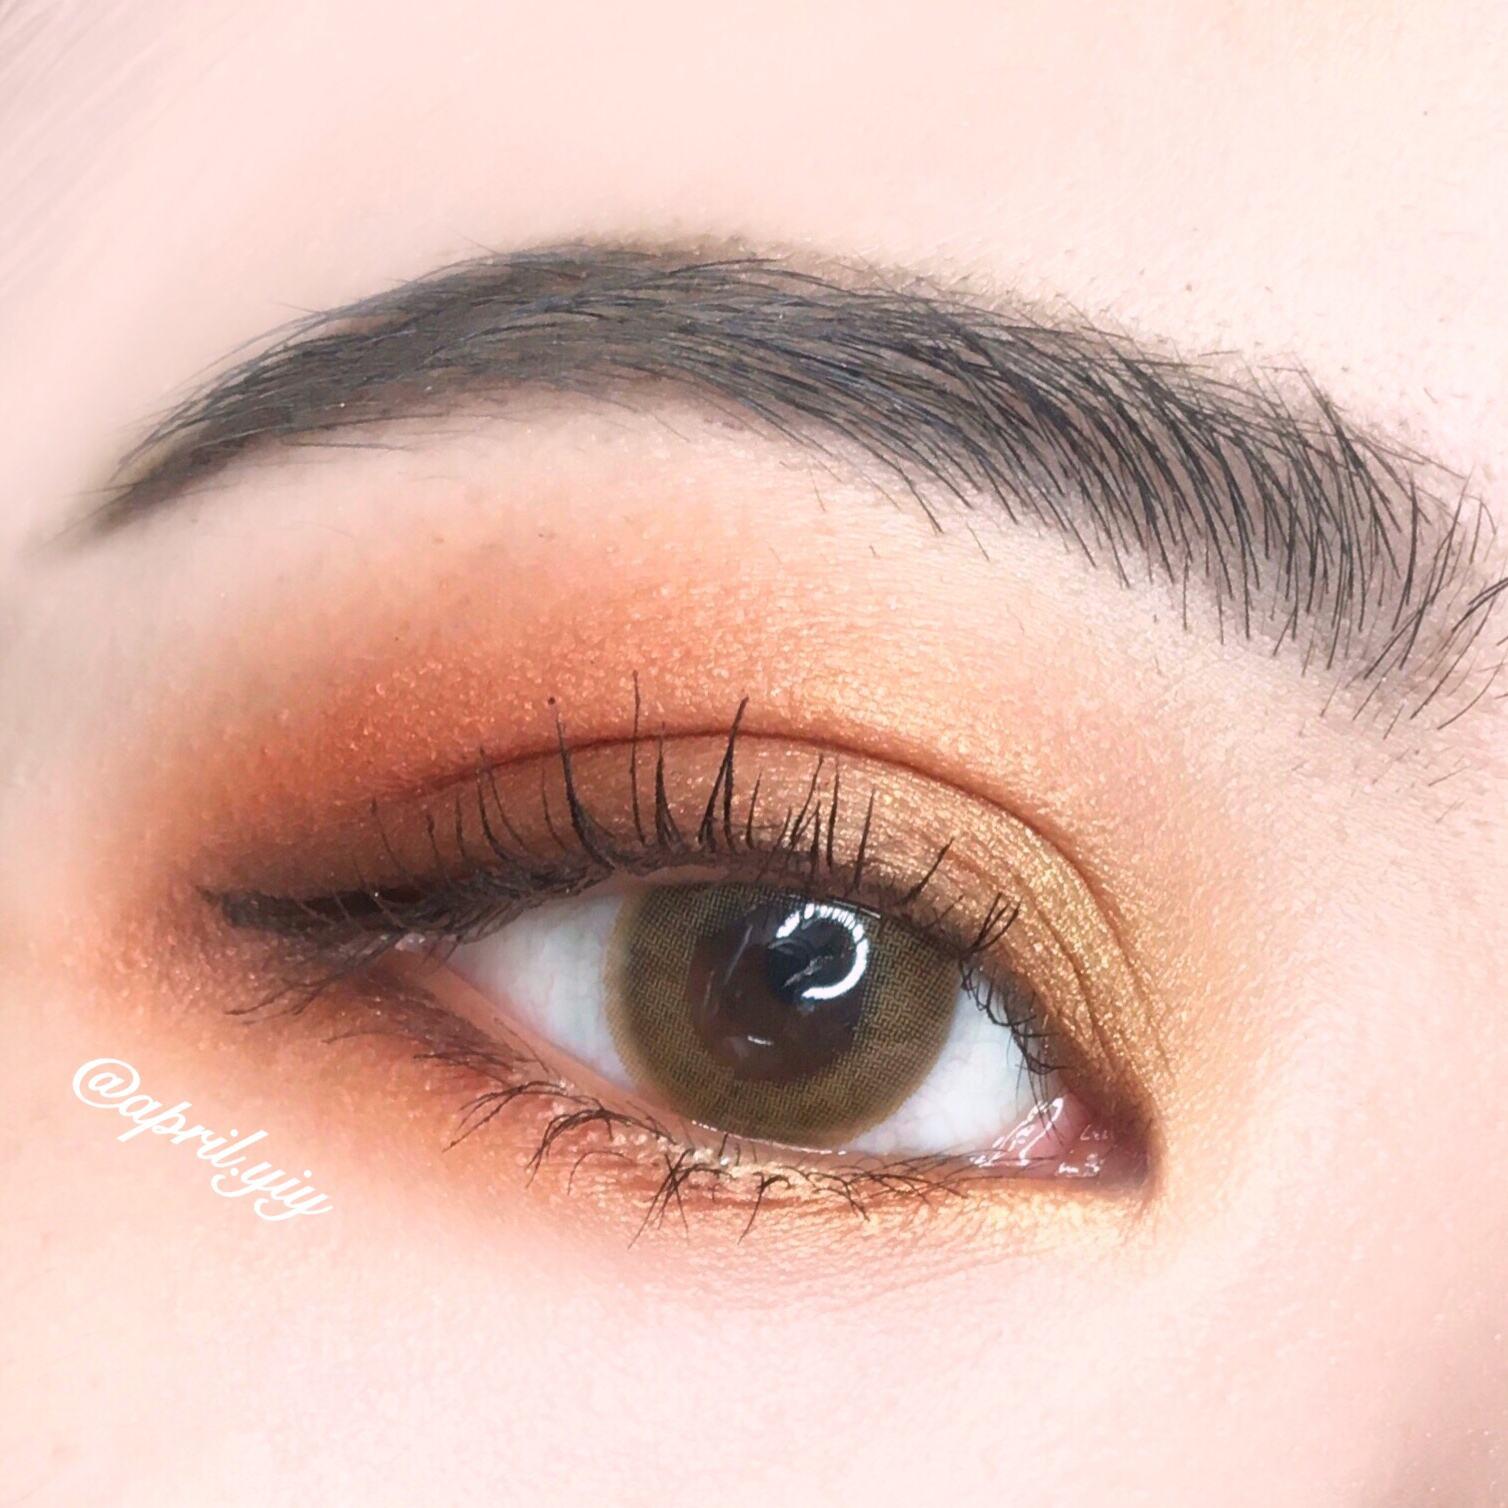 基本的底妝和眉毛都上好之後,進入到眼妝的部分。楓葉色主打的色系就是橘紅、紅棕以及暖黃色。